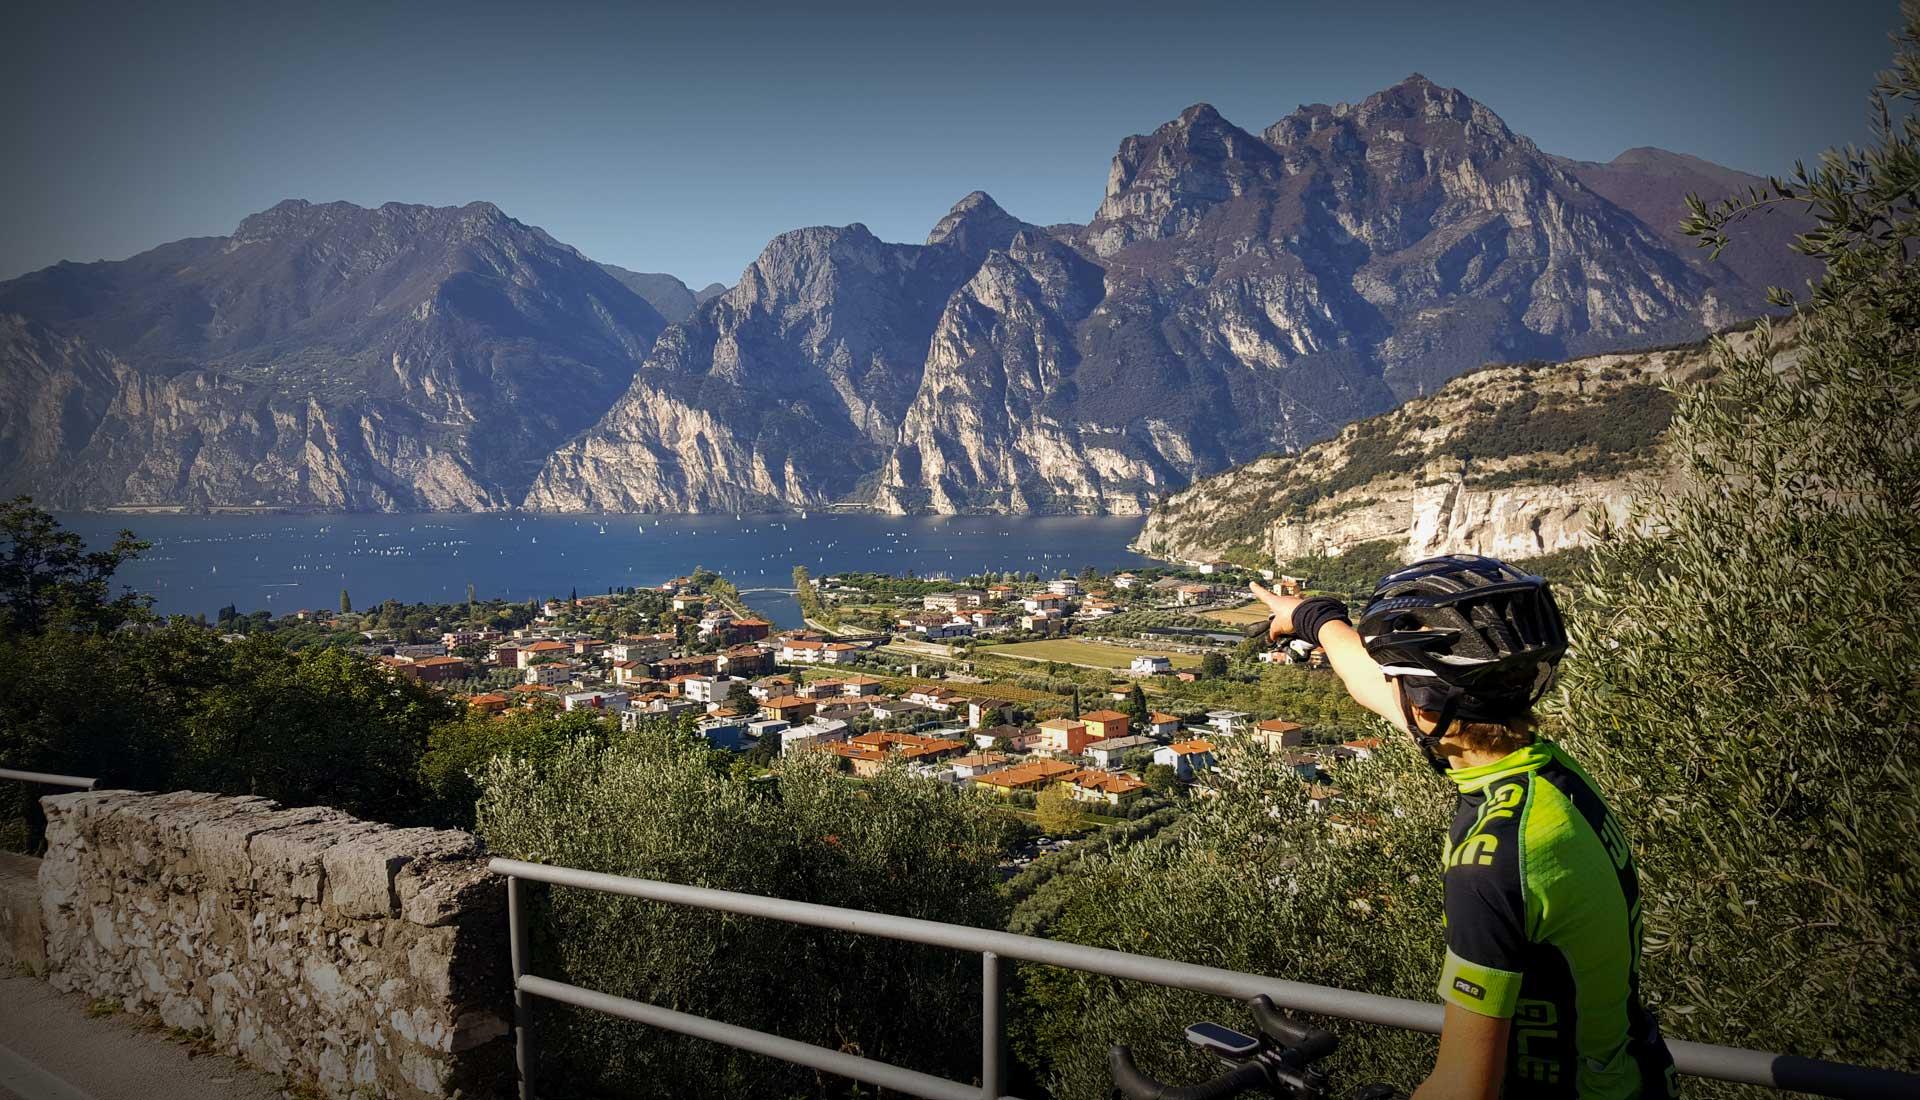 Rennradfahren am Gardasee - Mit Blick auf Torbole